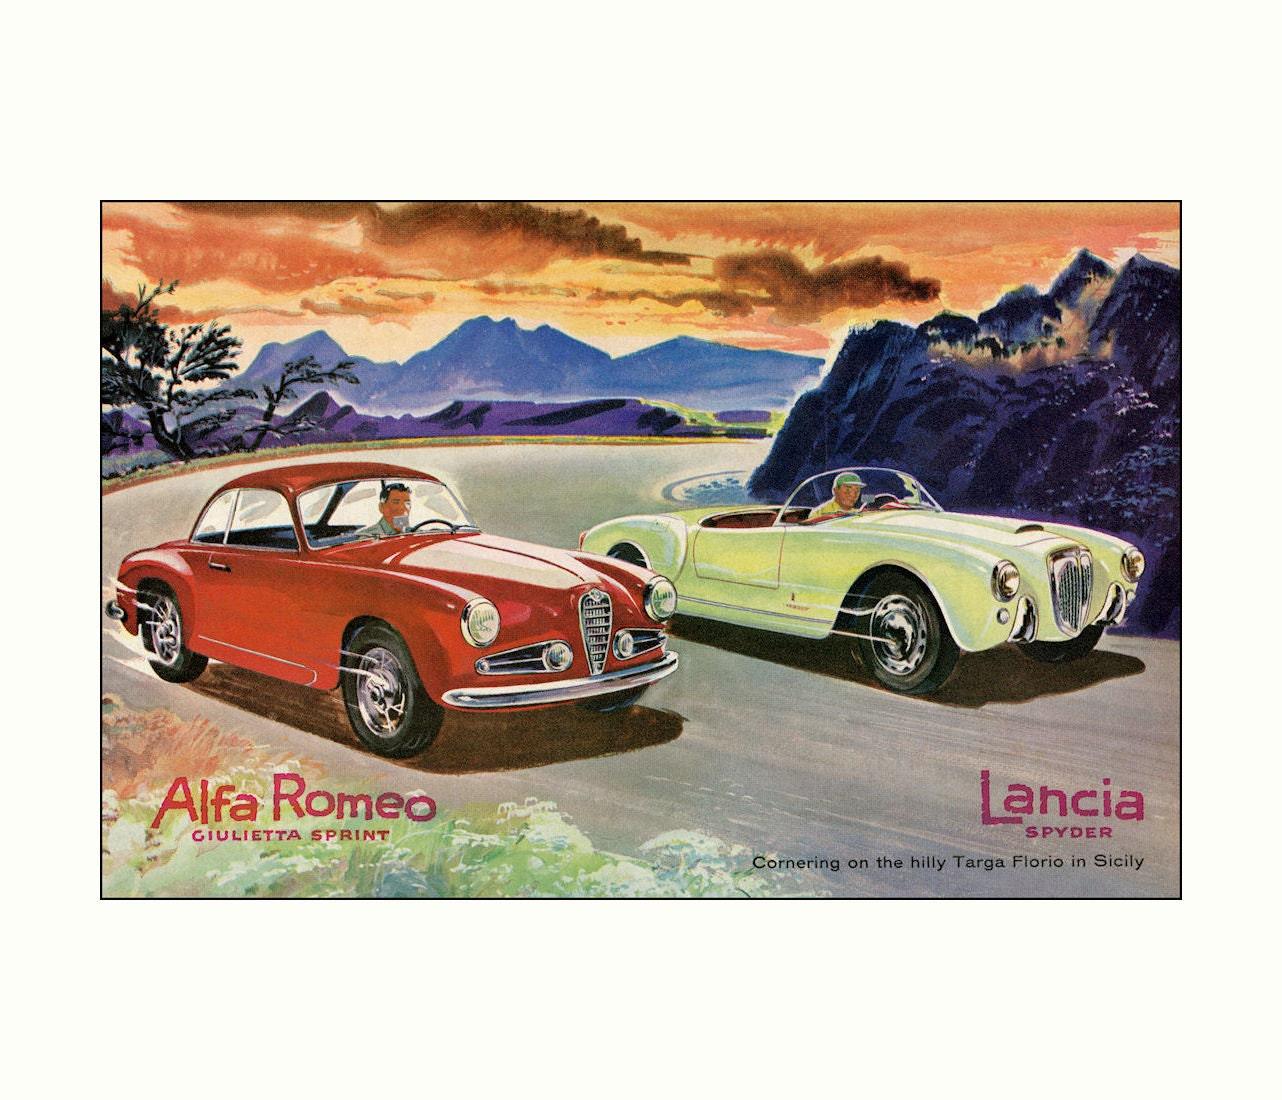 Alfa Romeo & Lancia Targa Florio Sicily Italy Vintage